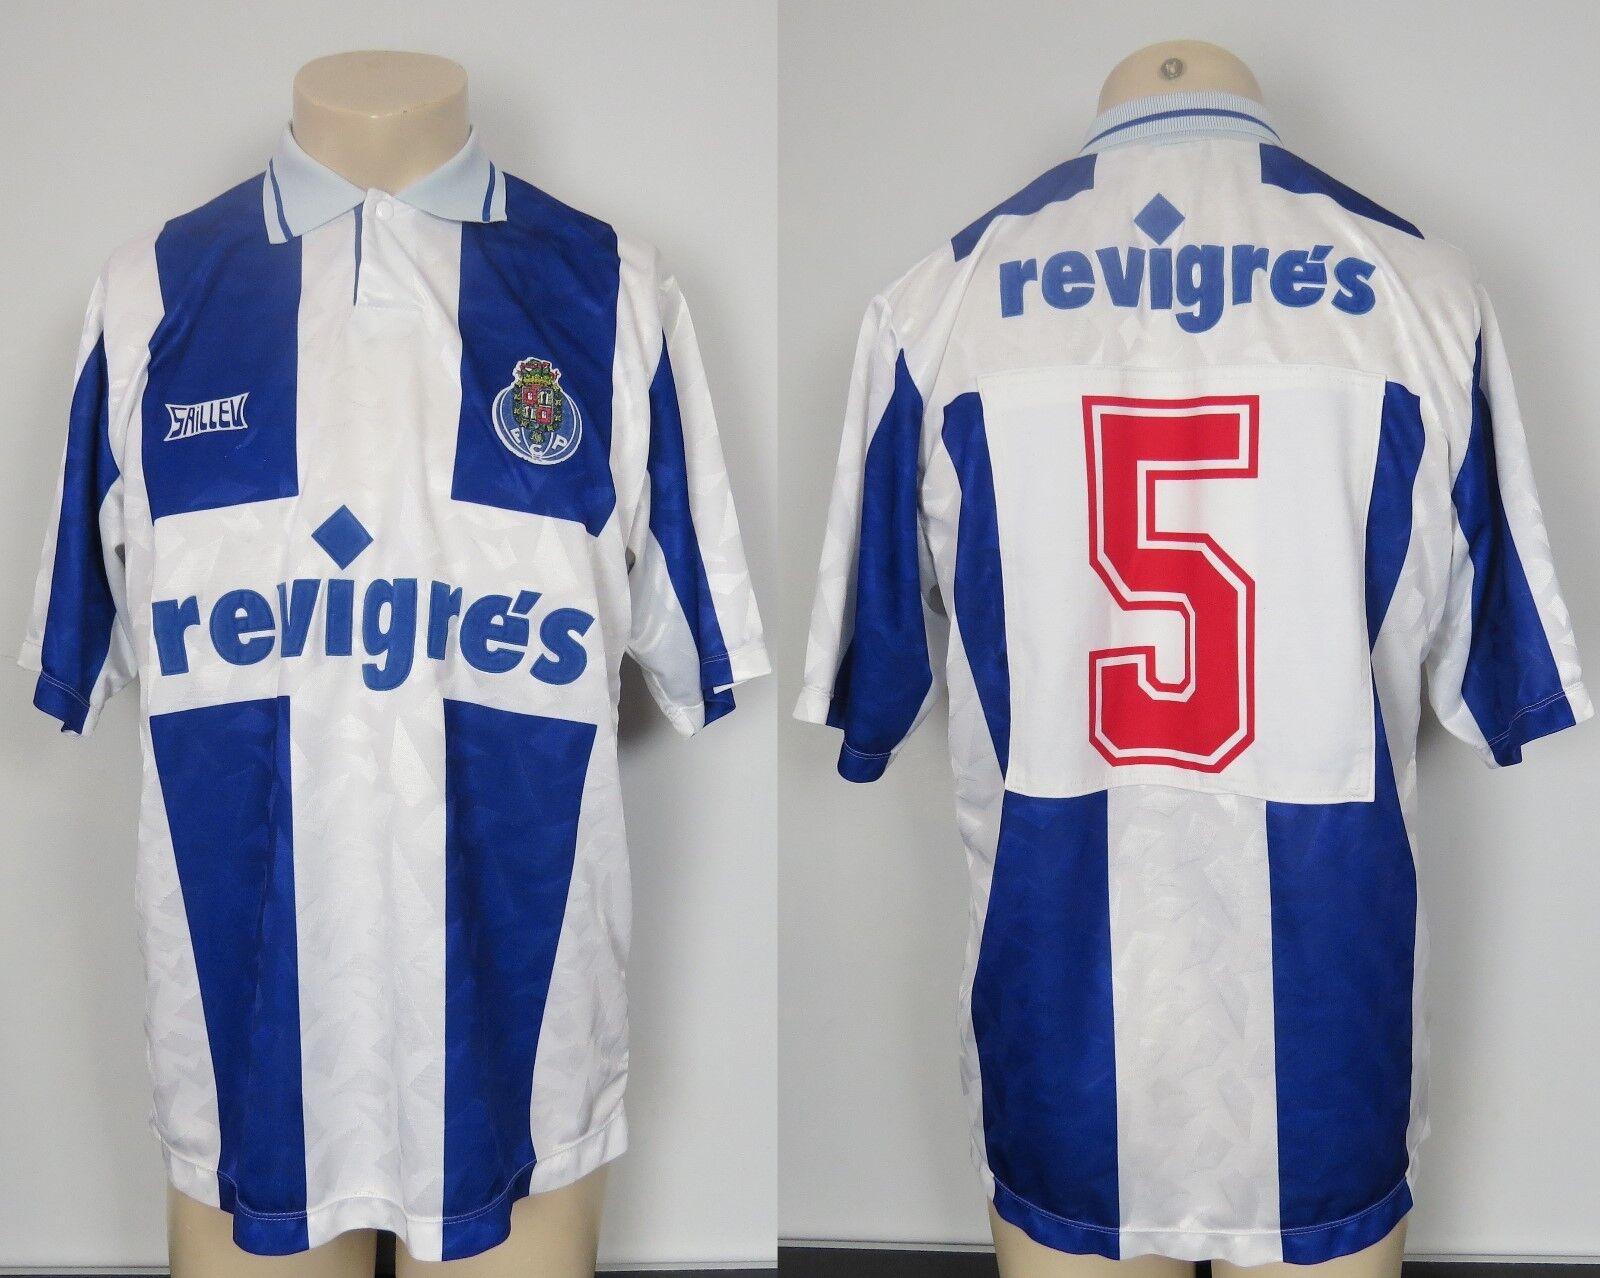 FC Porto 199293 Home Camicia saillev SOCCER JERSEY  5 Taglia M